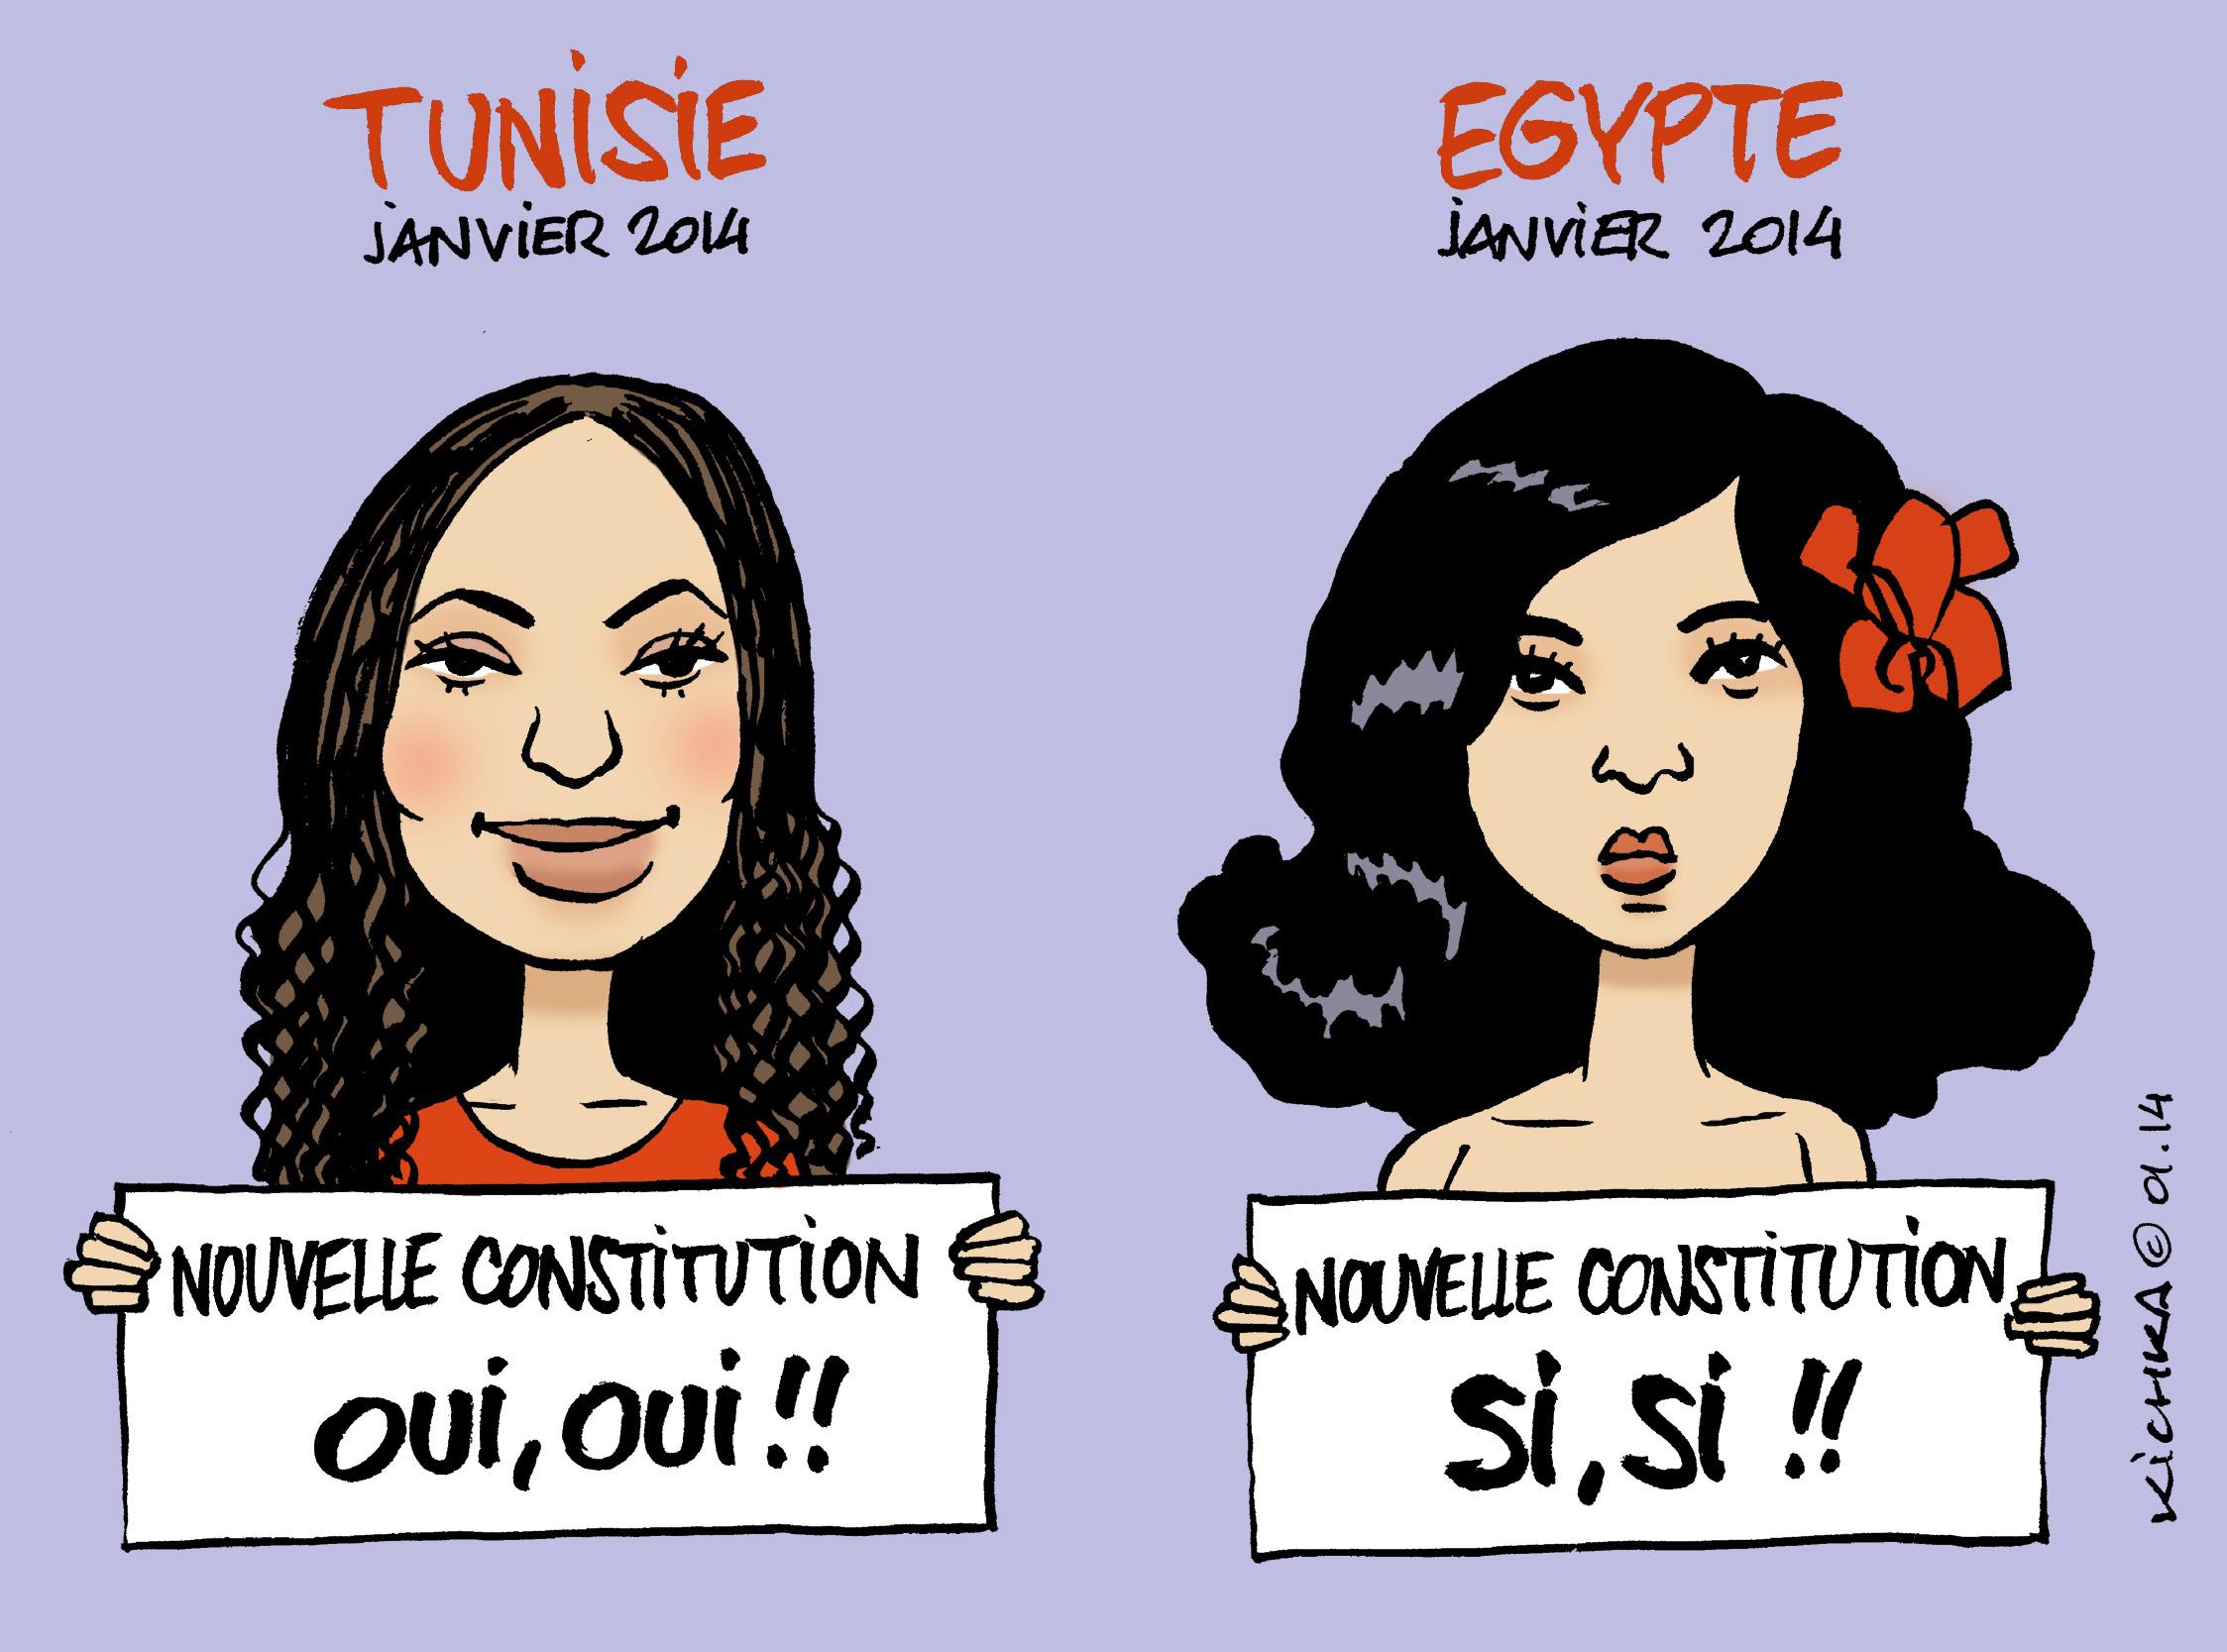 Tunisie Et Egypte Nouvelles Constitutions Michel Kichka